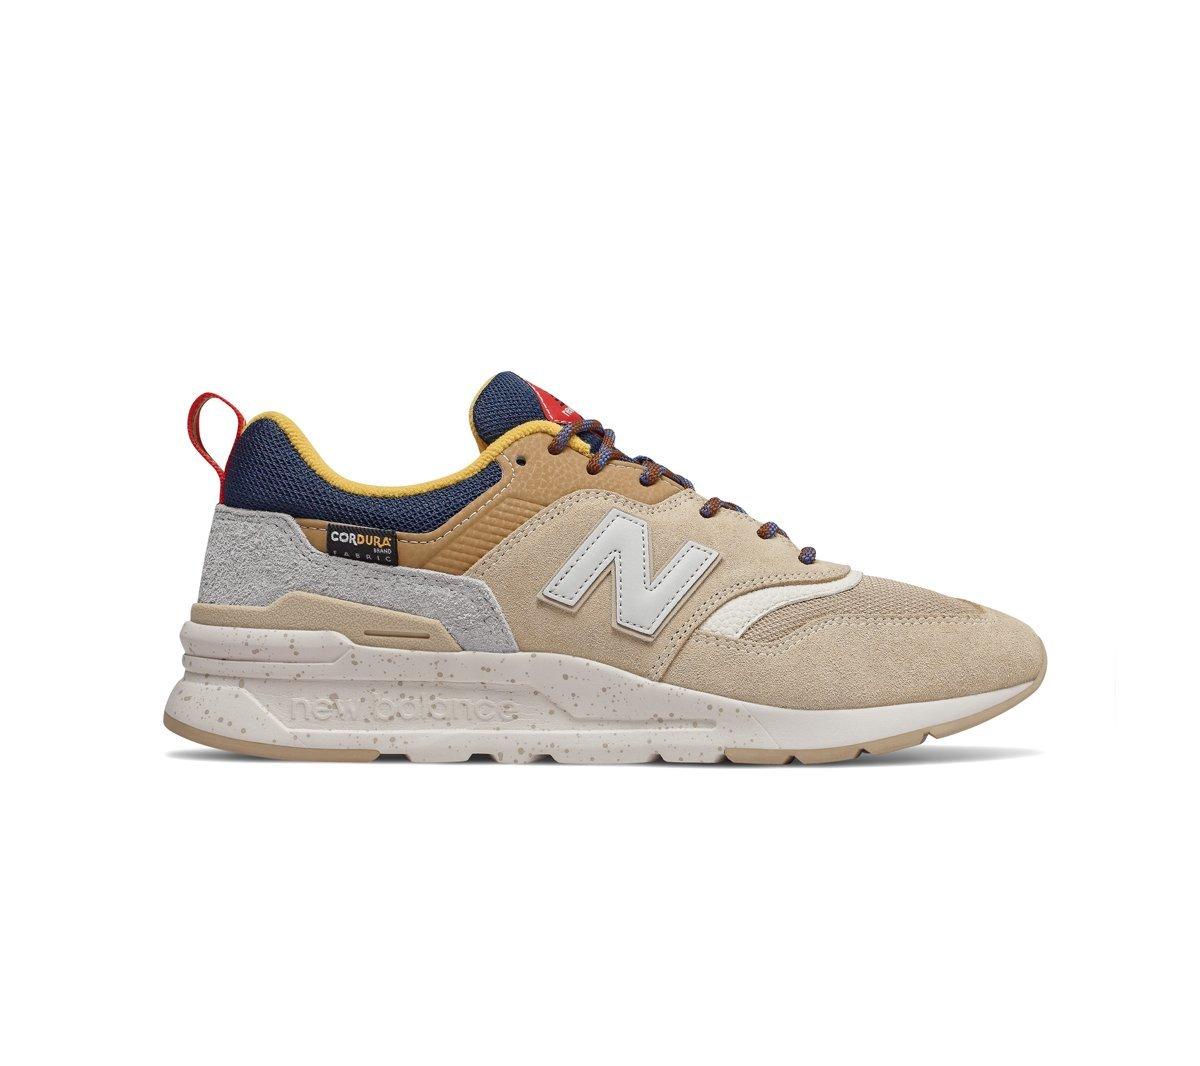 new balance 997h cordura jaune